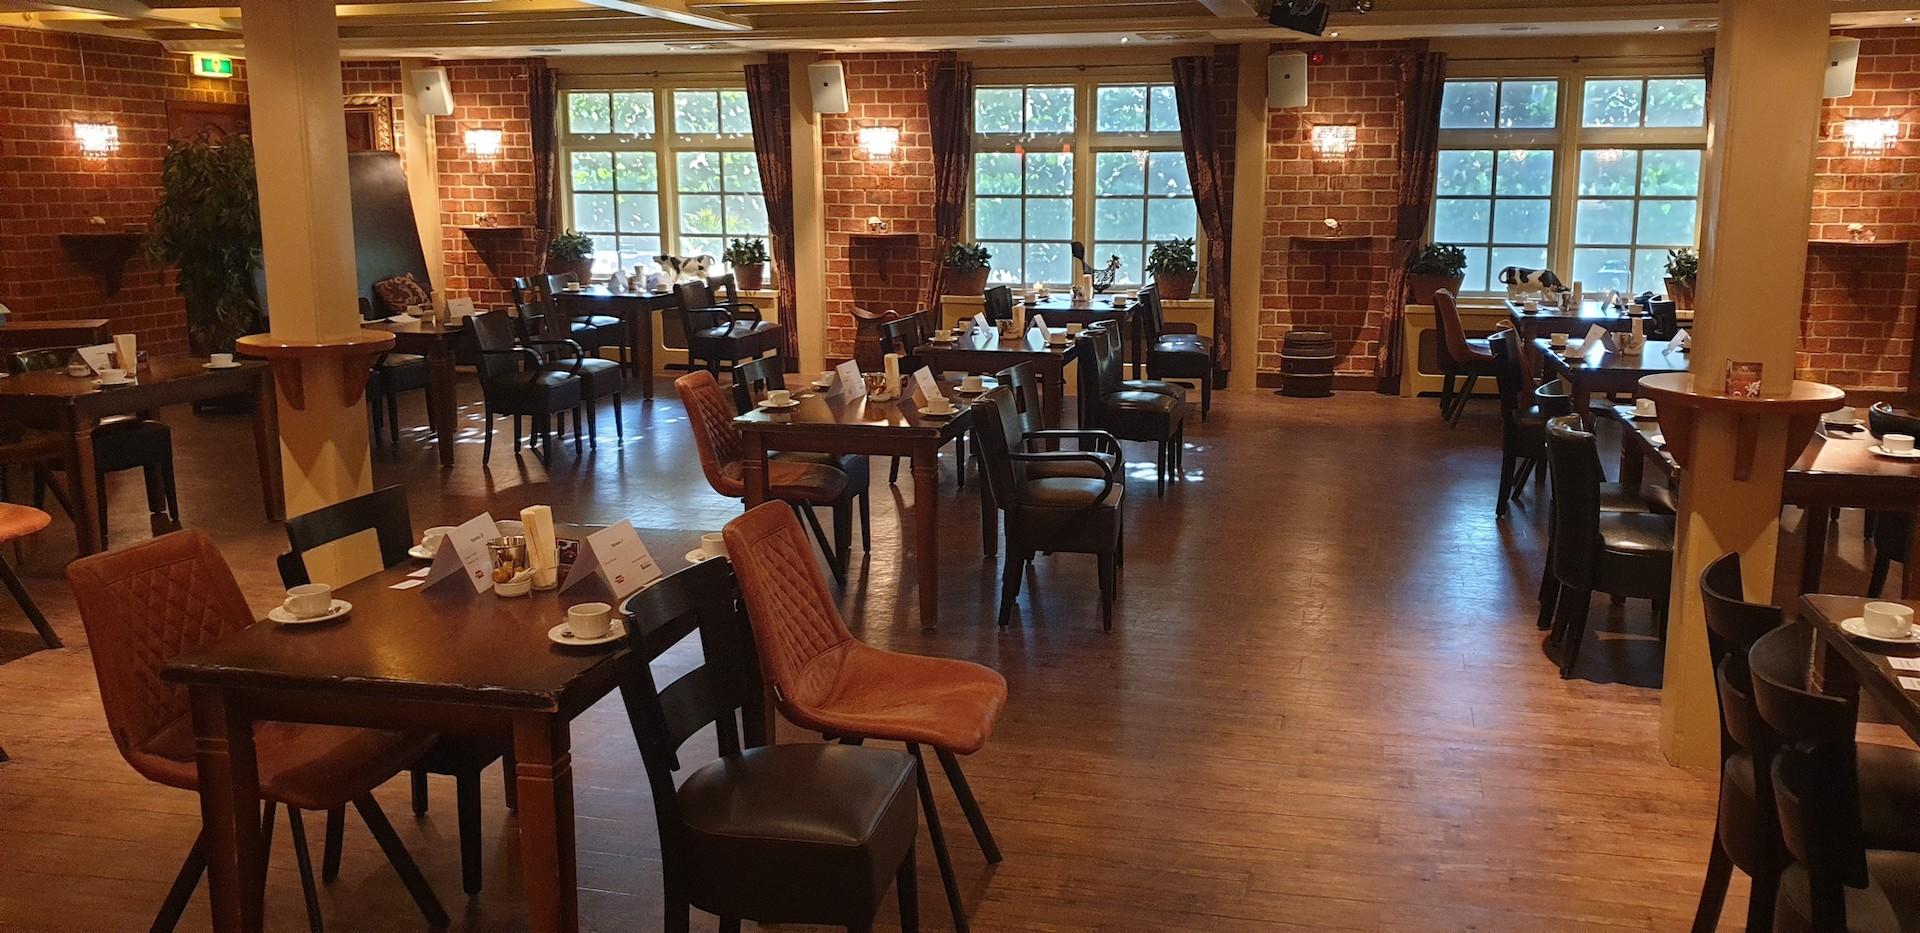 Nadorst-restaurant- vergaderen-vergaderlocatie-uitspanning-arrangementen-faciliteiten